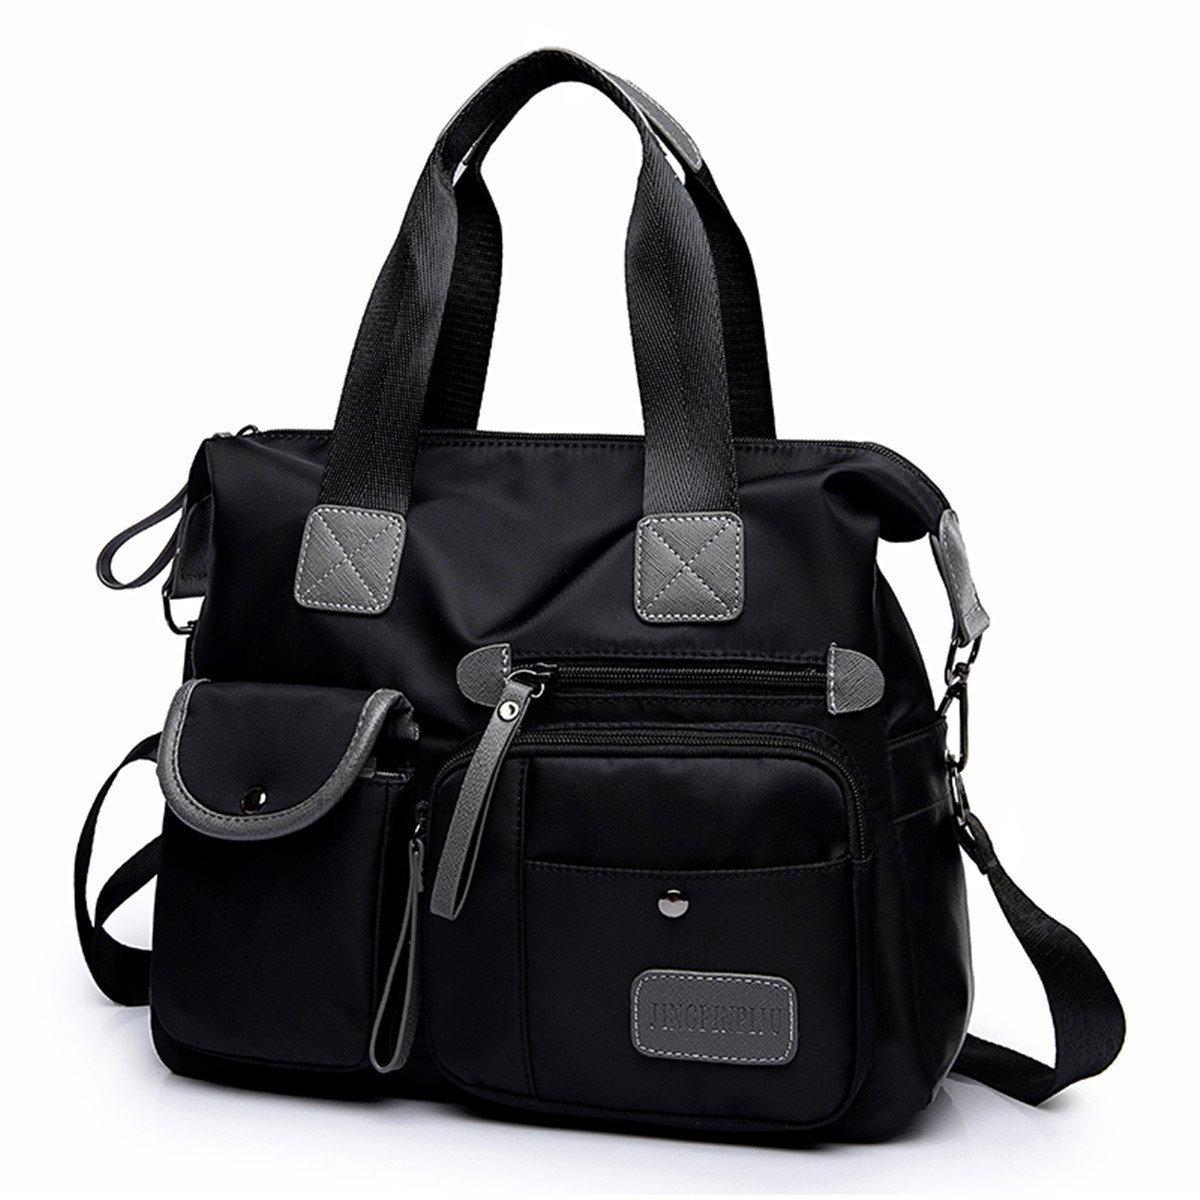 33d2a16d7f Amazon.com  Taoqiao Korean canvas bag ladies bag shoulder bag nylon Oxford  handbags Messenger bag crossbody bag tote simple big bag black  Home    Kitchen